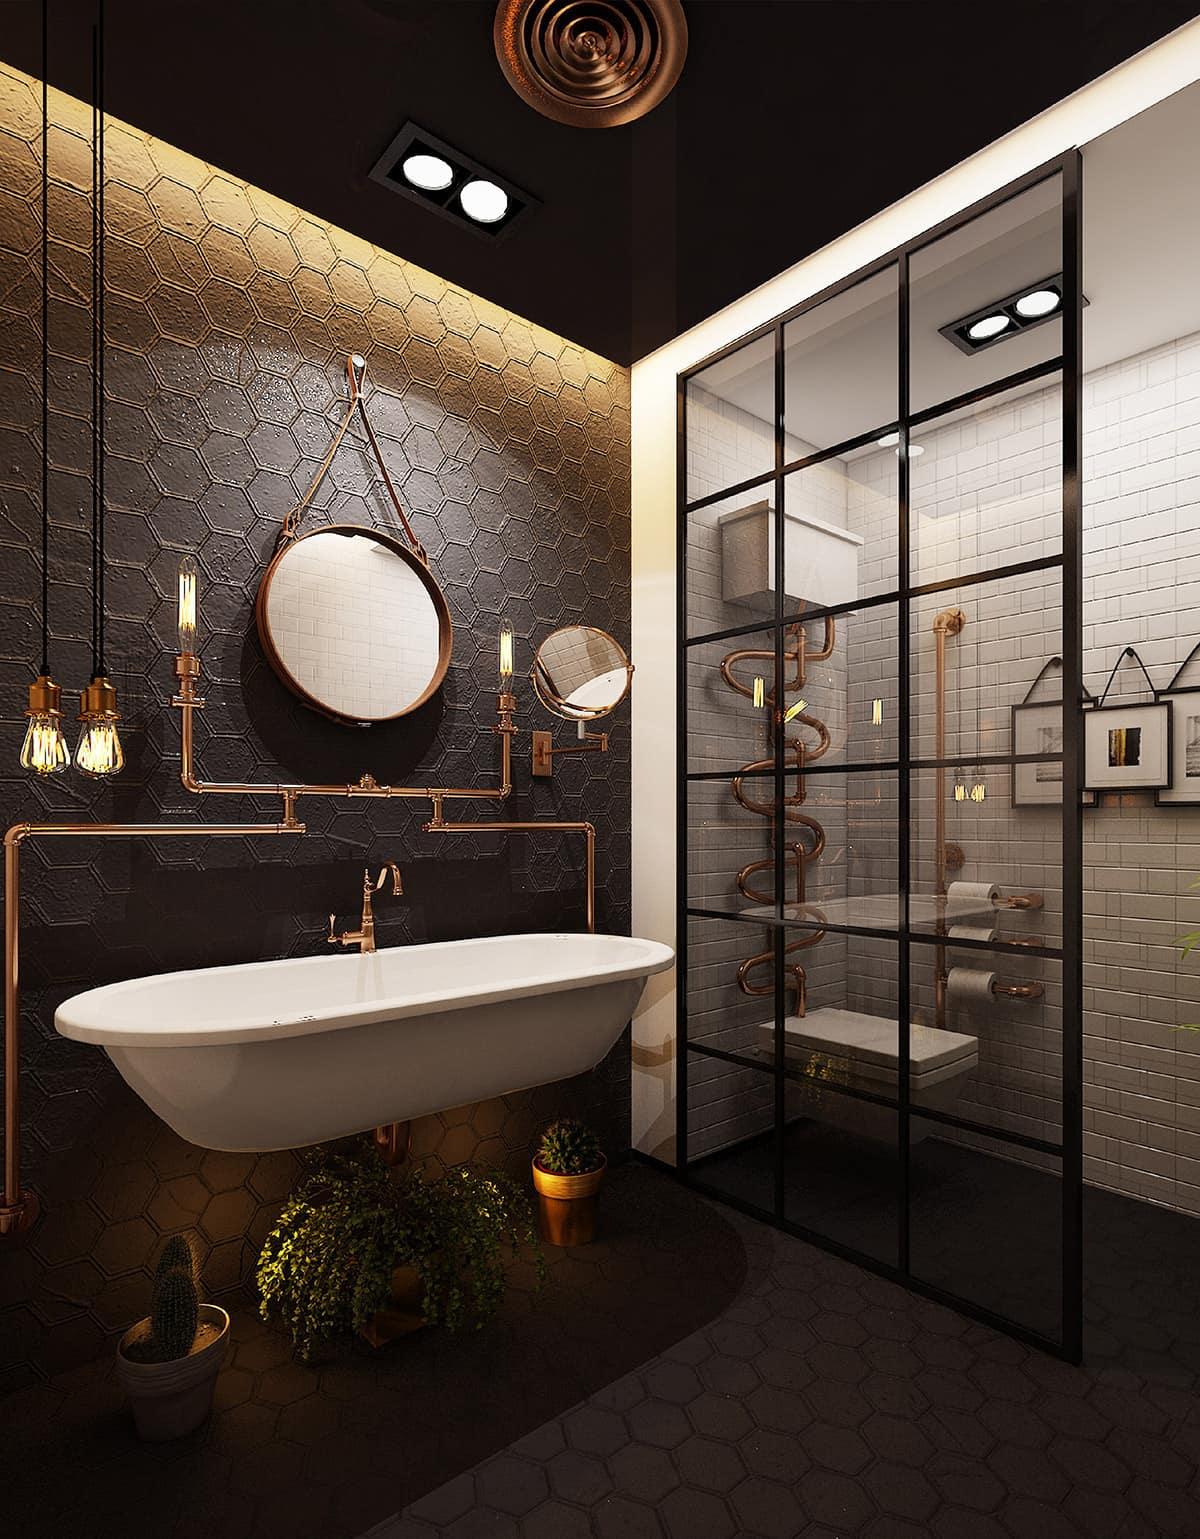 Le design de la salle de bain avec un beau système d'éclairage et des tuyaux en cuivre est vraiment chic